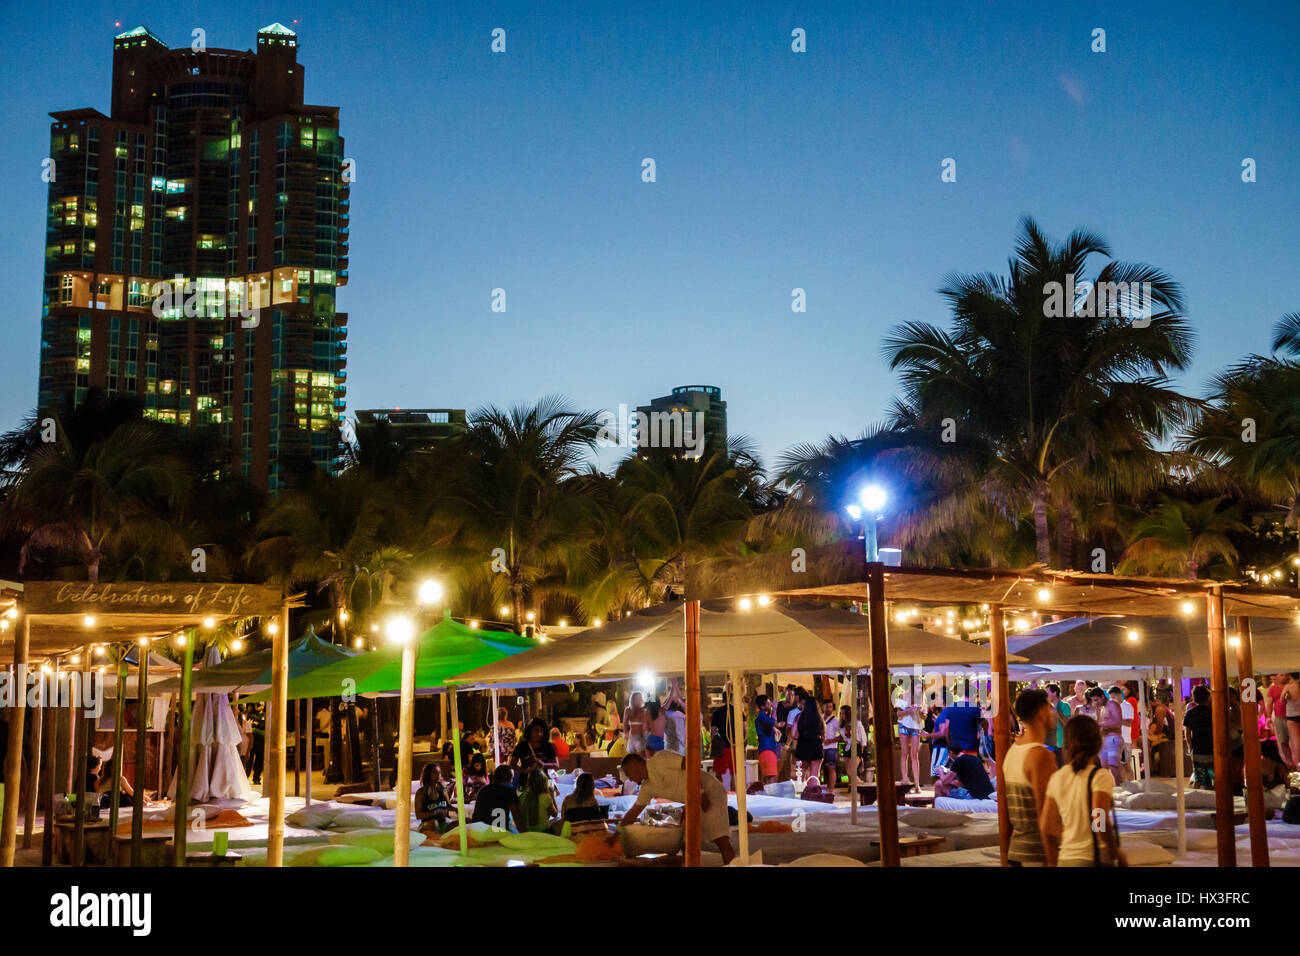 Nikki Beach Lifestyle Miami Beach Fl